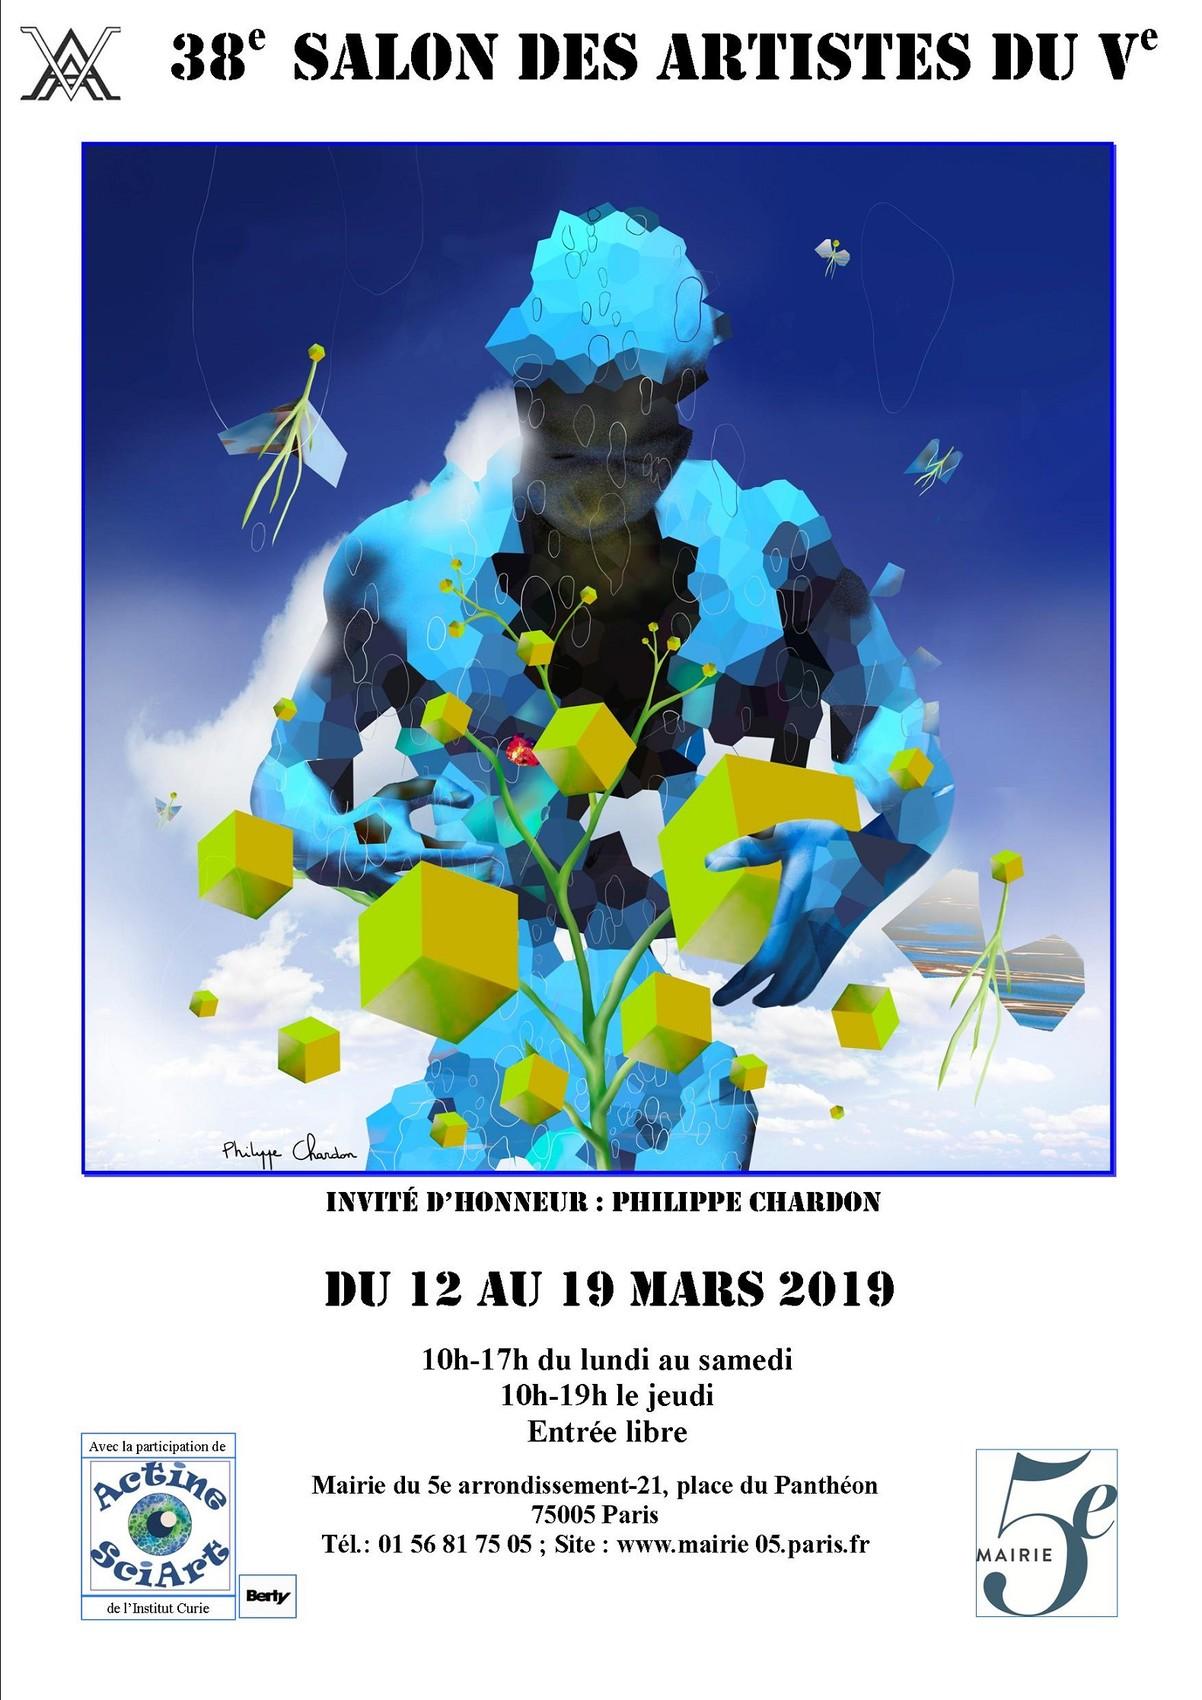 38ème Salon des Artistes du Ve